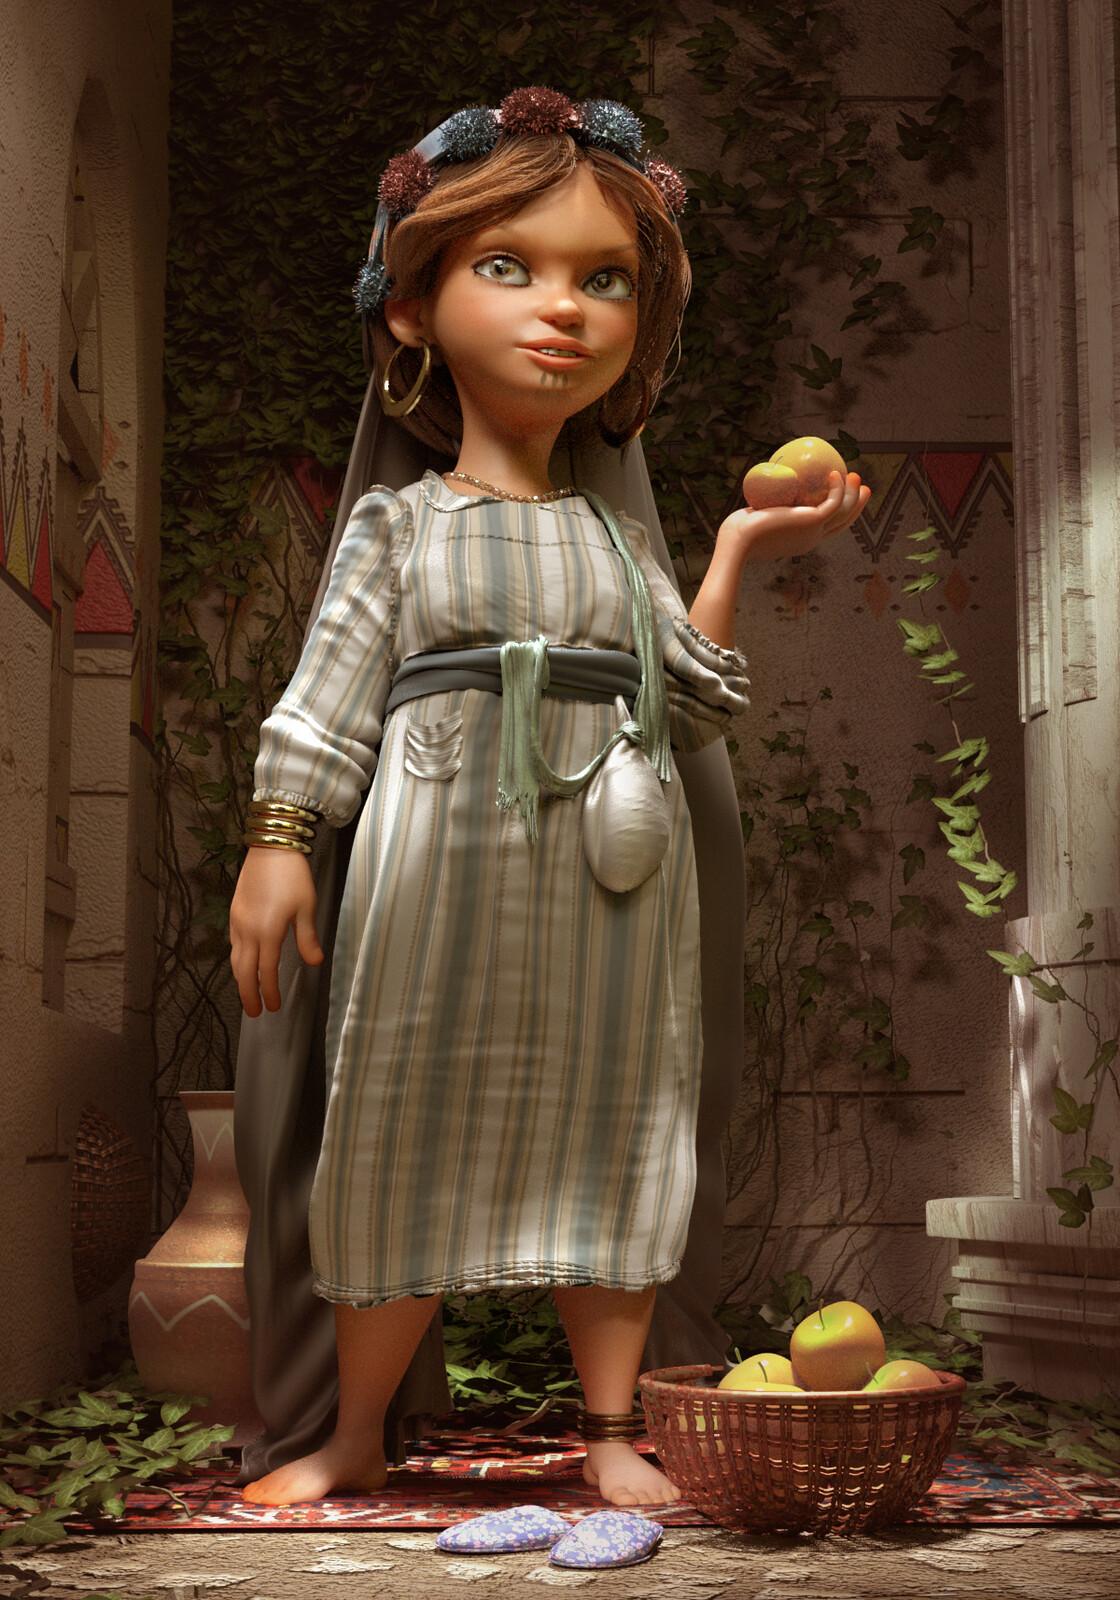 Egyptian Girl Selling Apples